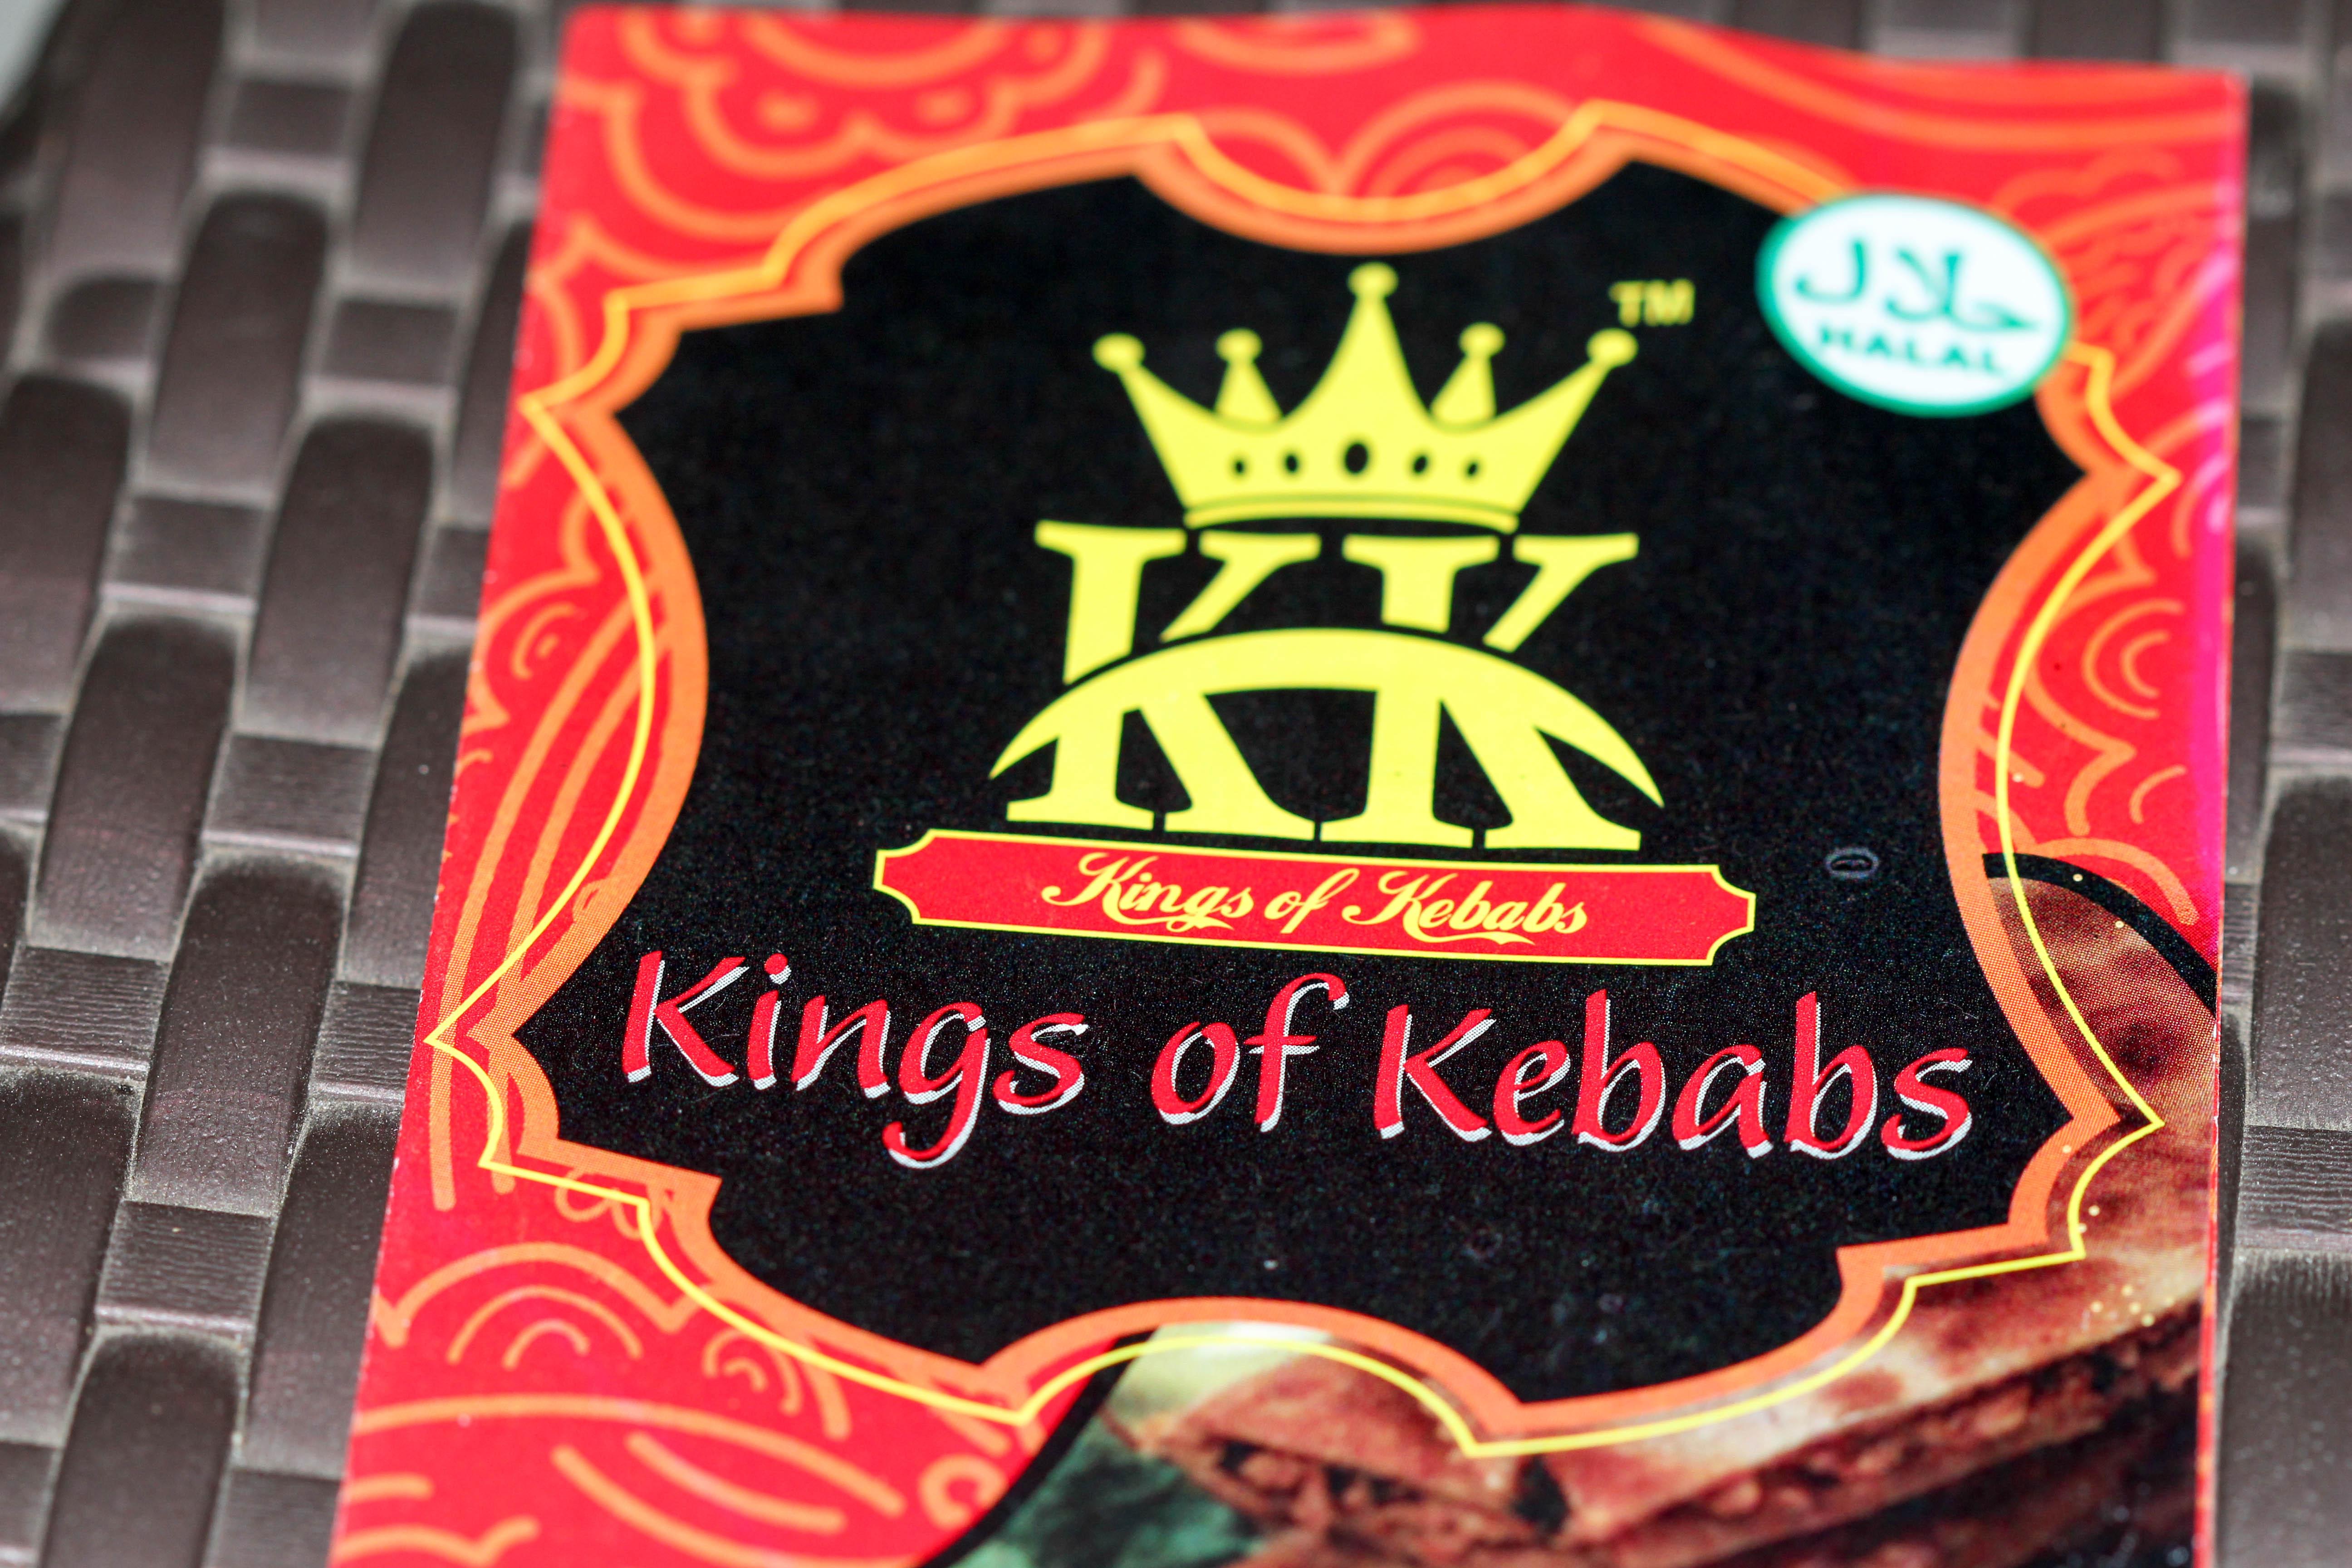 King of Kebabs